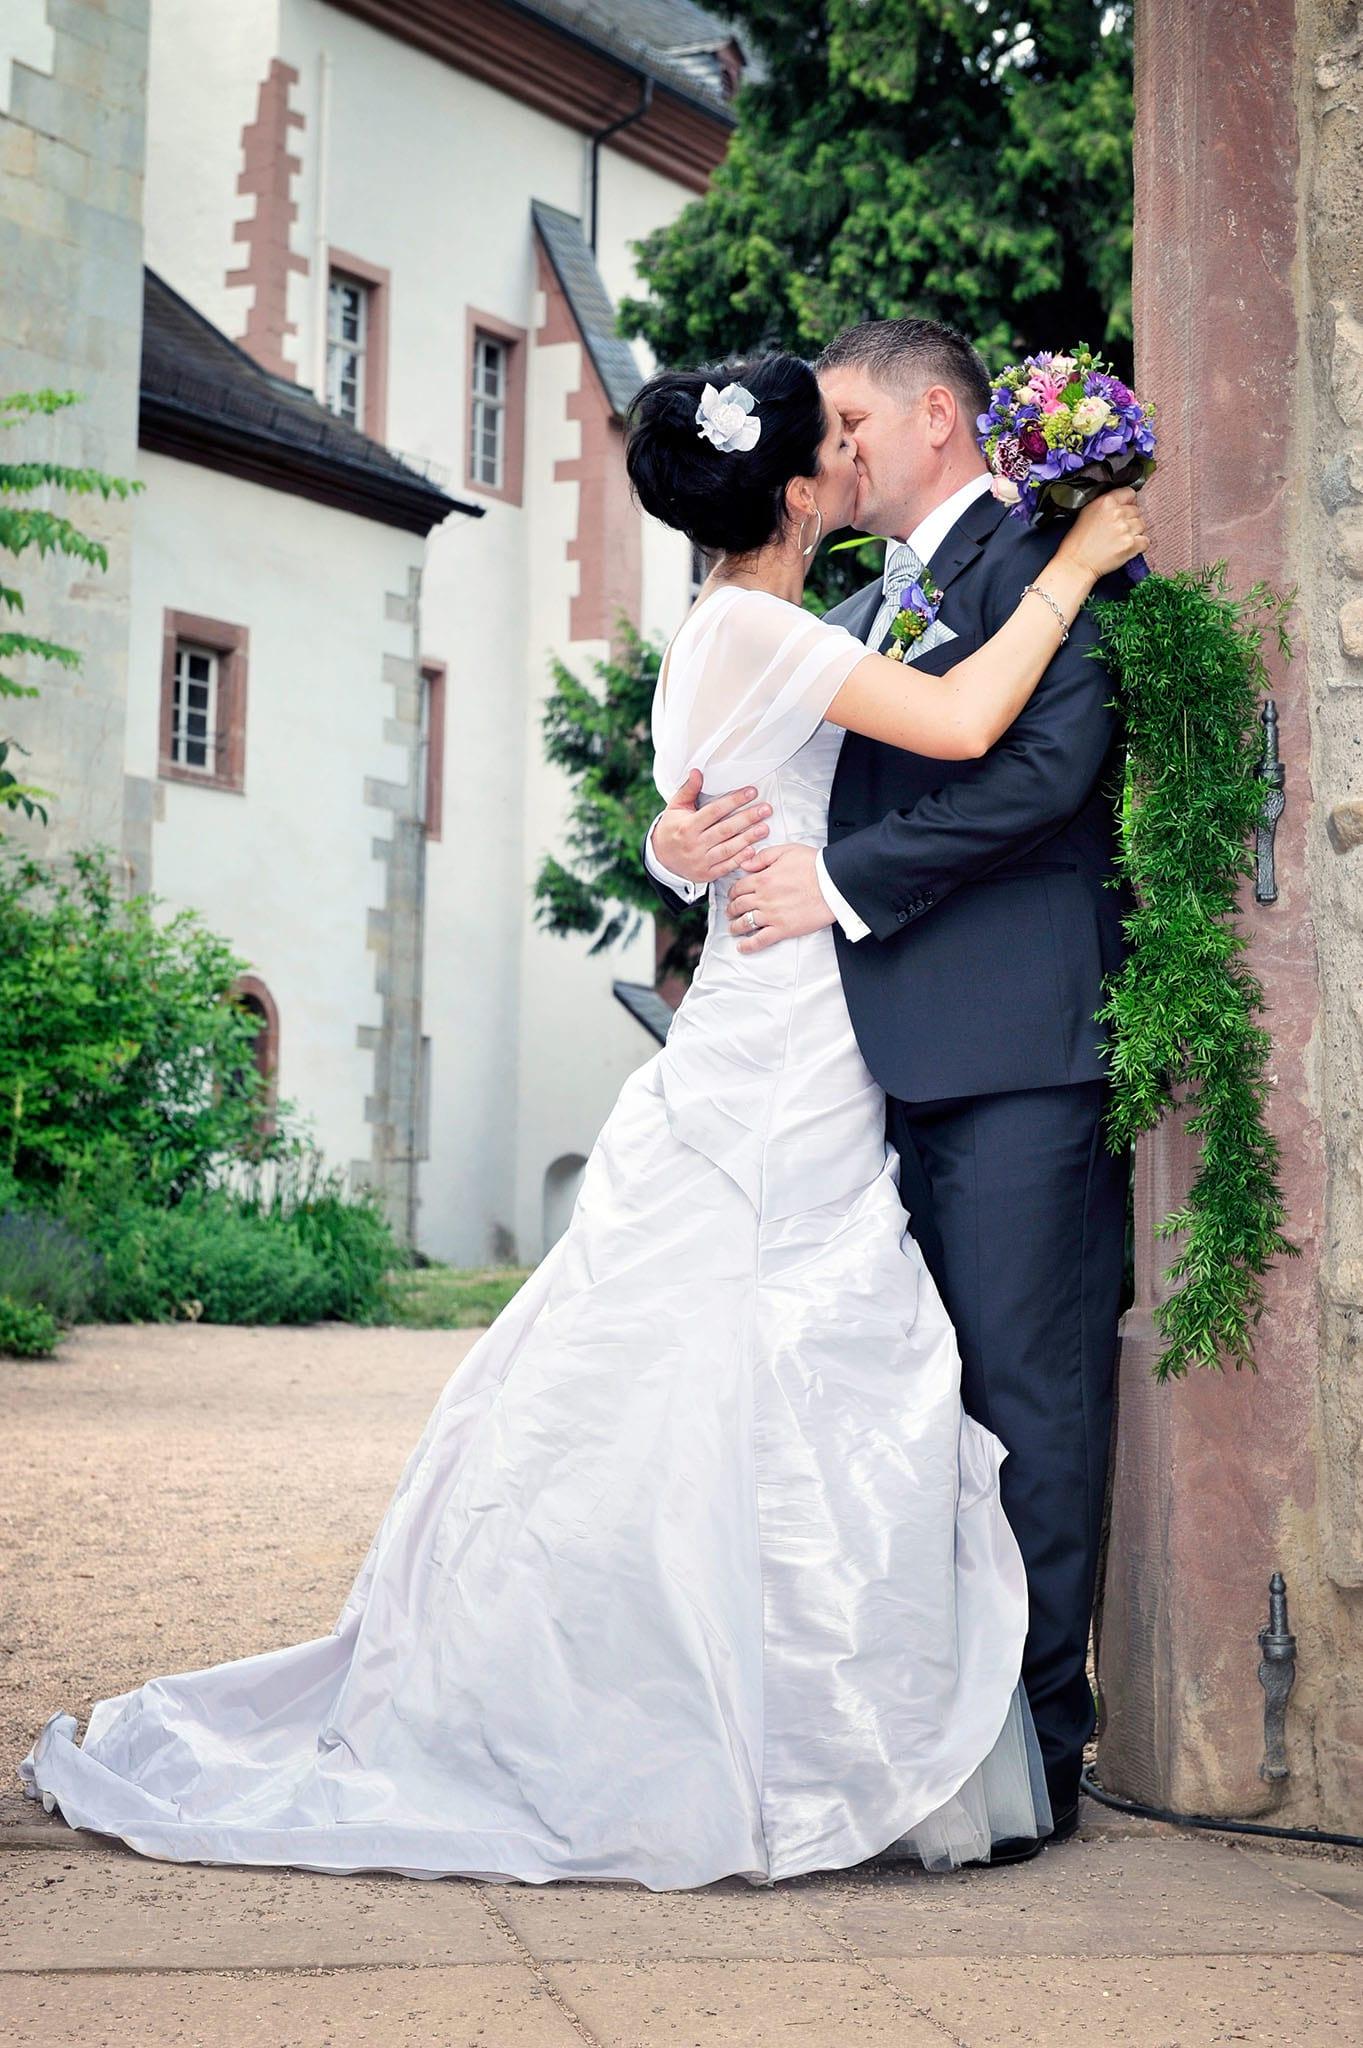 Hochzeit 021 Brautpaar Braut Bräutigam Hochzeit heiraten Hochzeitsfoto Ehe Brautkleid Anzug Hochzeitsfotografie Daniel Fuss Fotografie